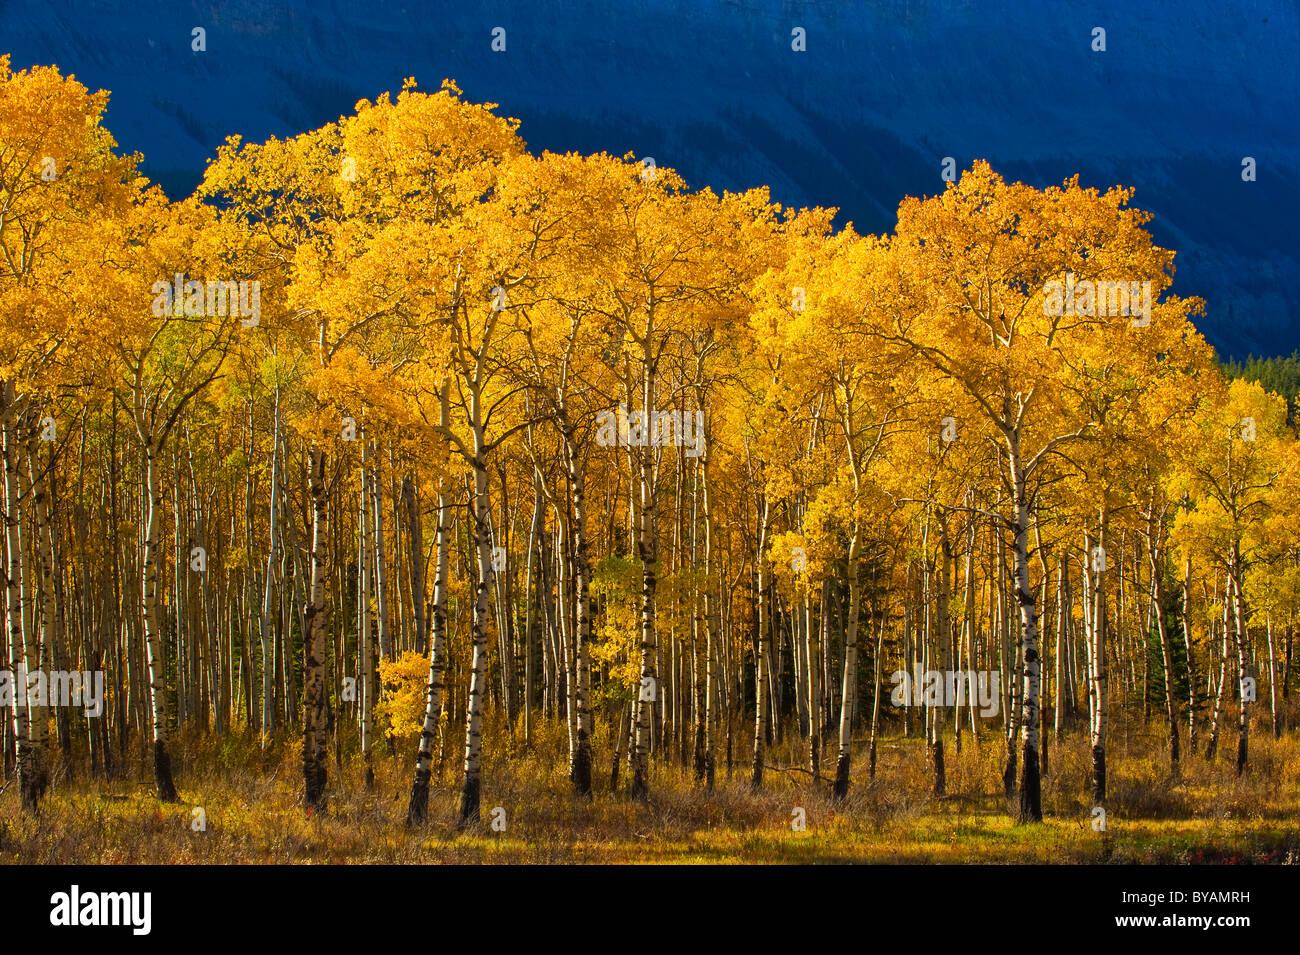 Un soporte de árboles de Aspen con hojas convirtió el amarillo dorado de otoño Imagen De Stock